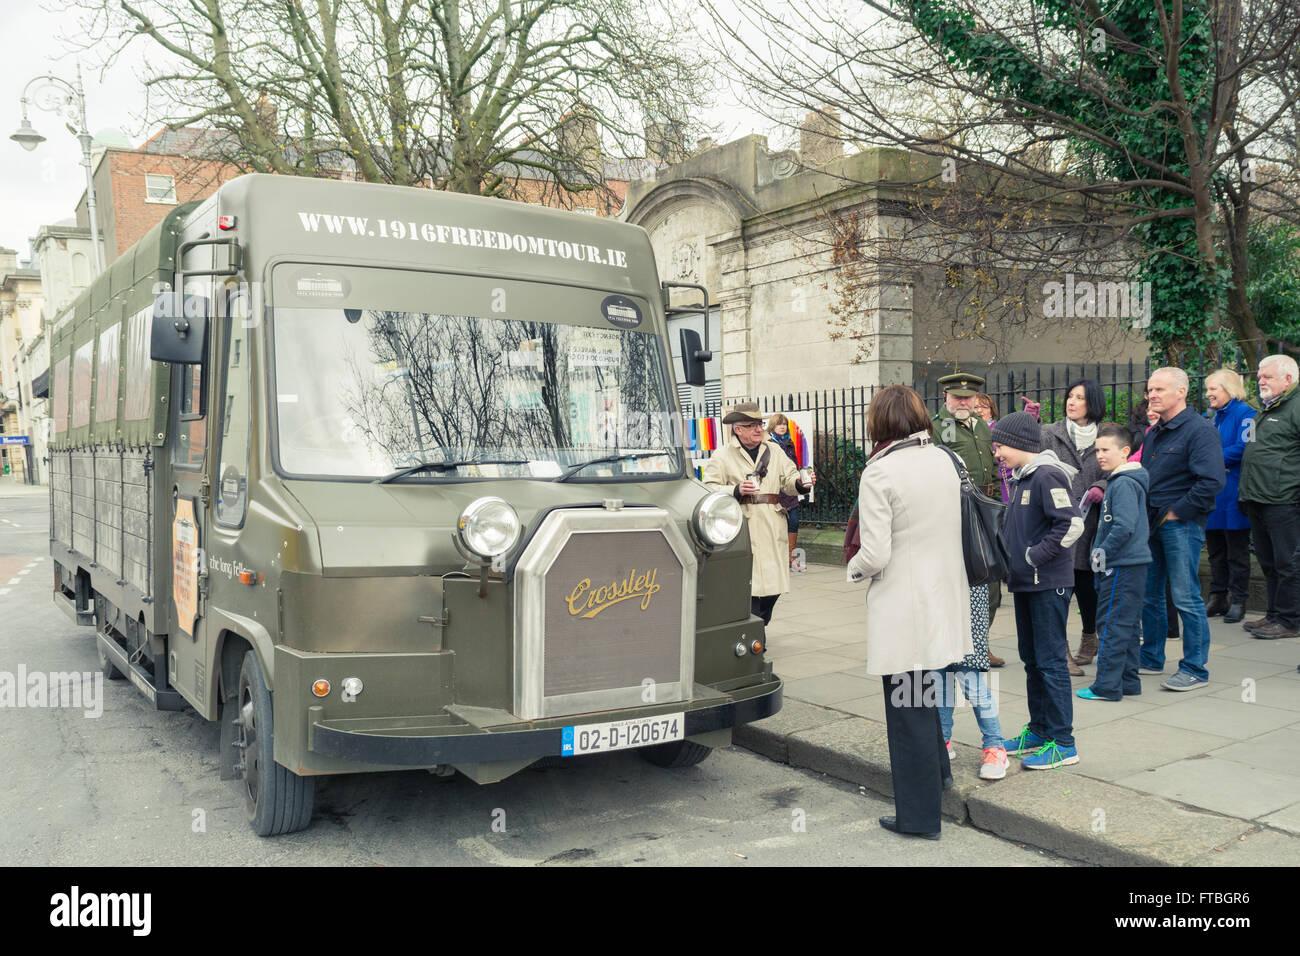 1916 Libertà tour bus Dublino attrazione turistica Immagini Stock